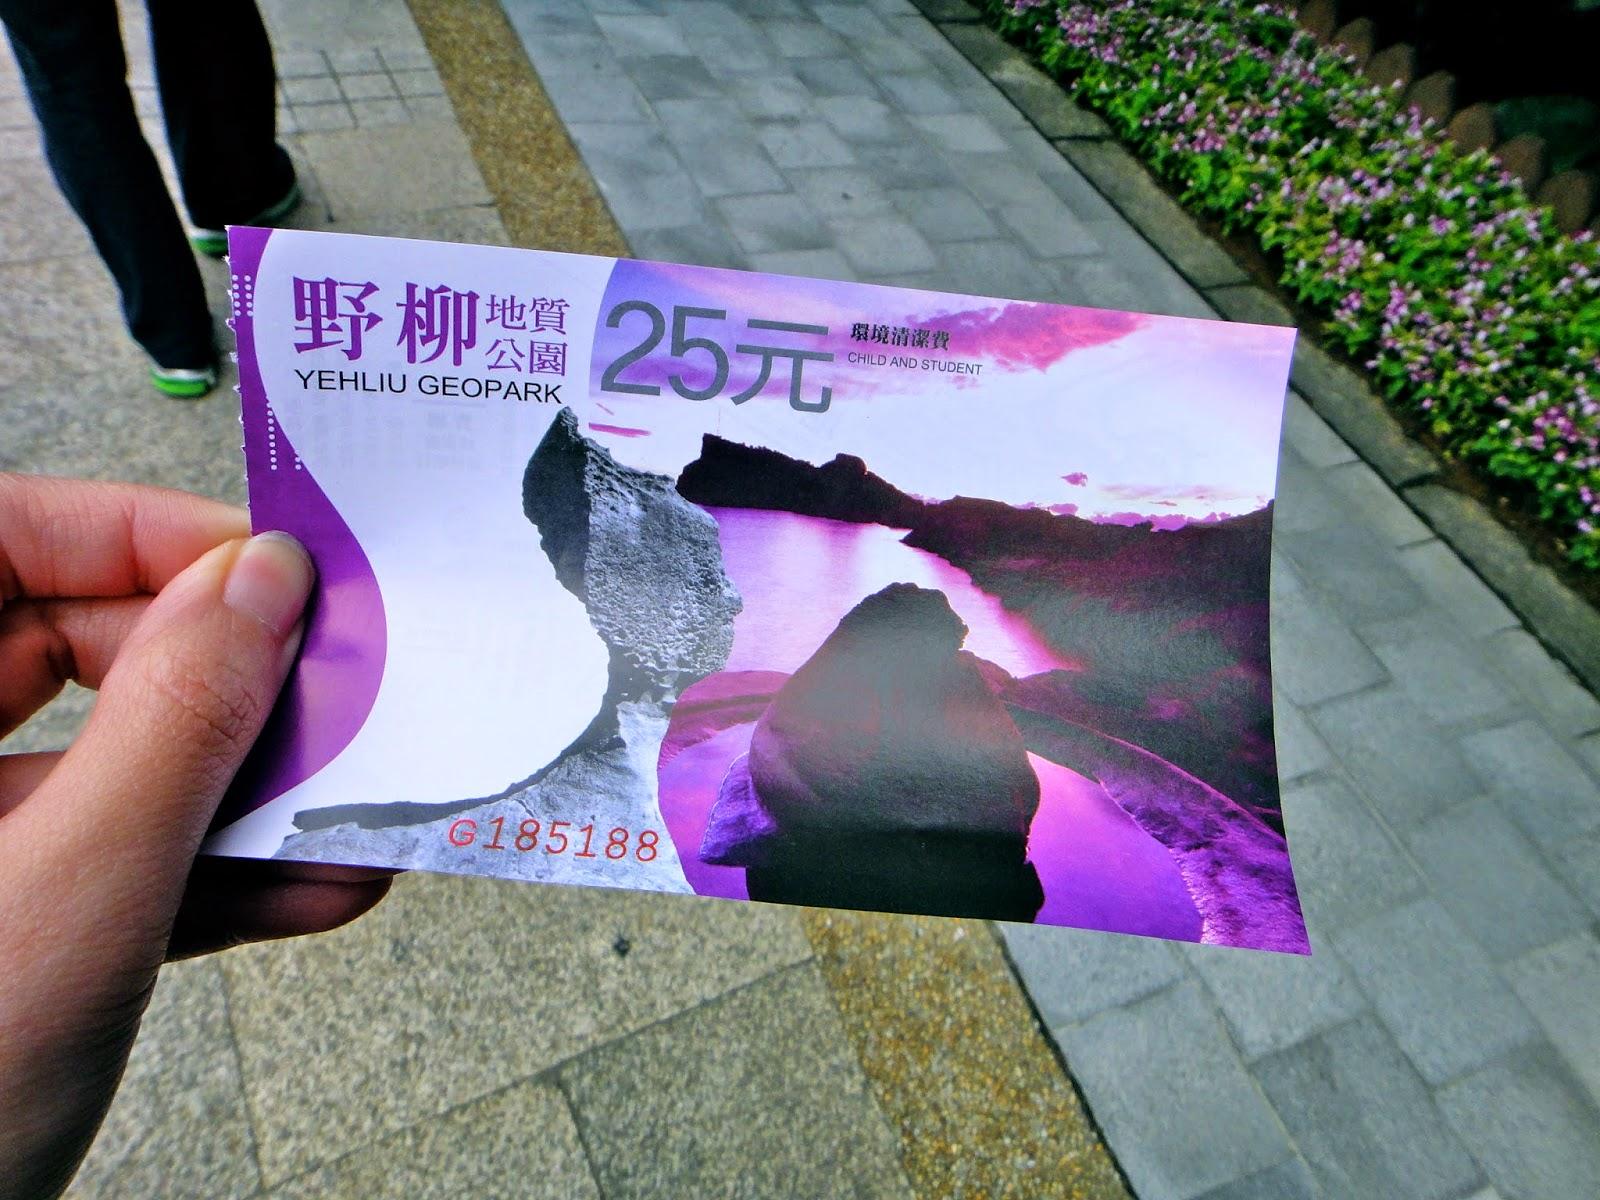 Yehliu Geopark TIcket Taiwan